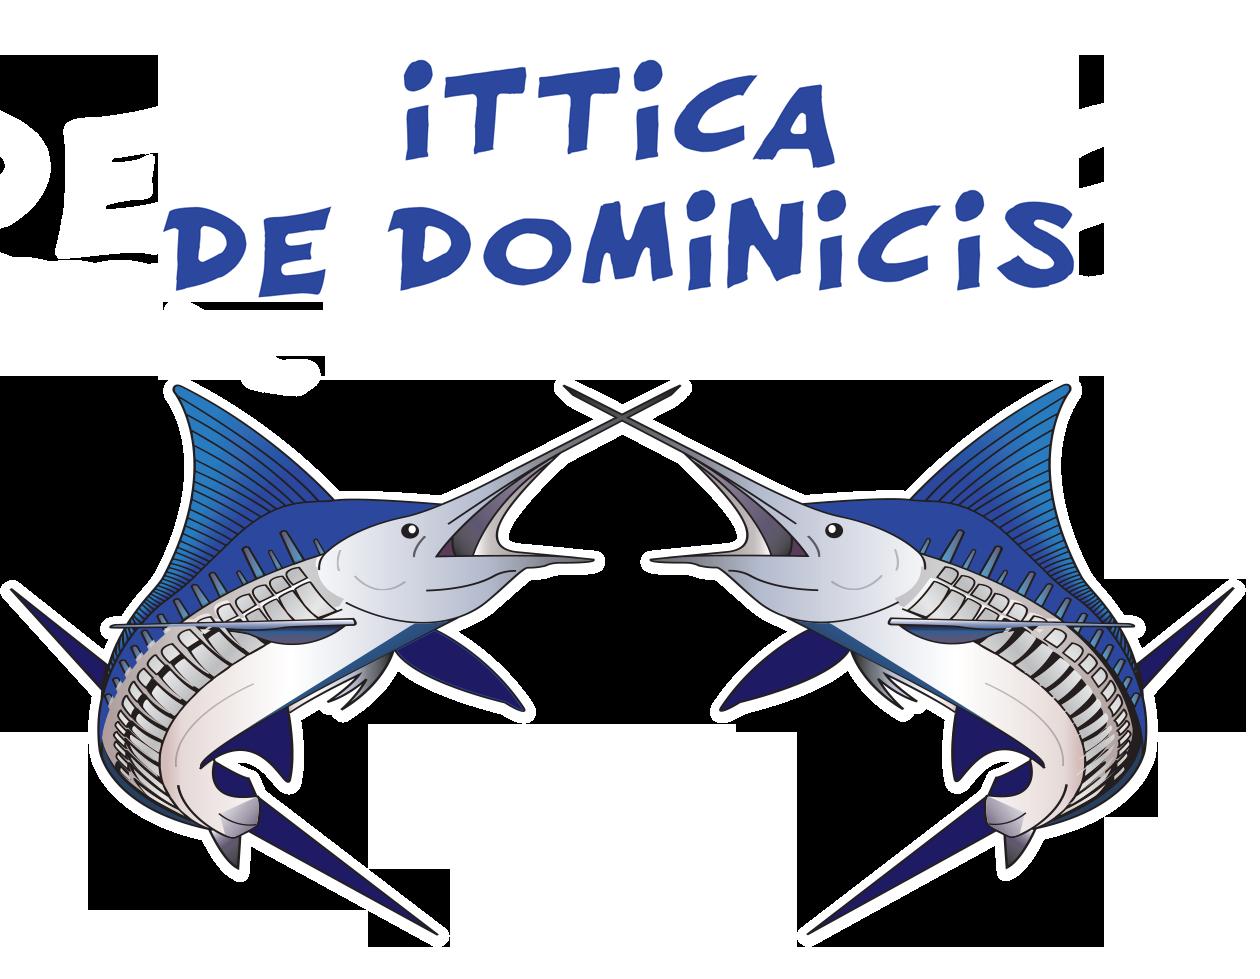 Ittica De Dominicis